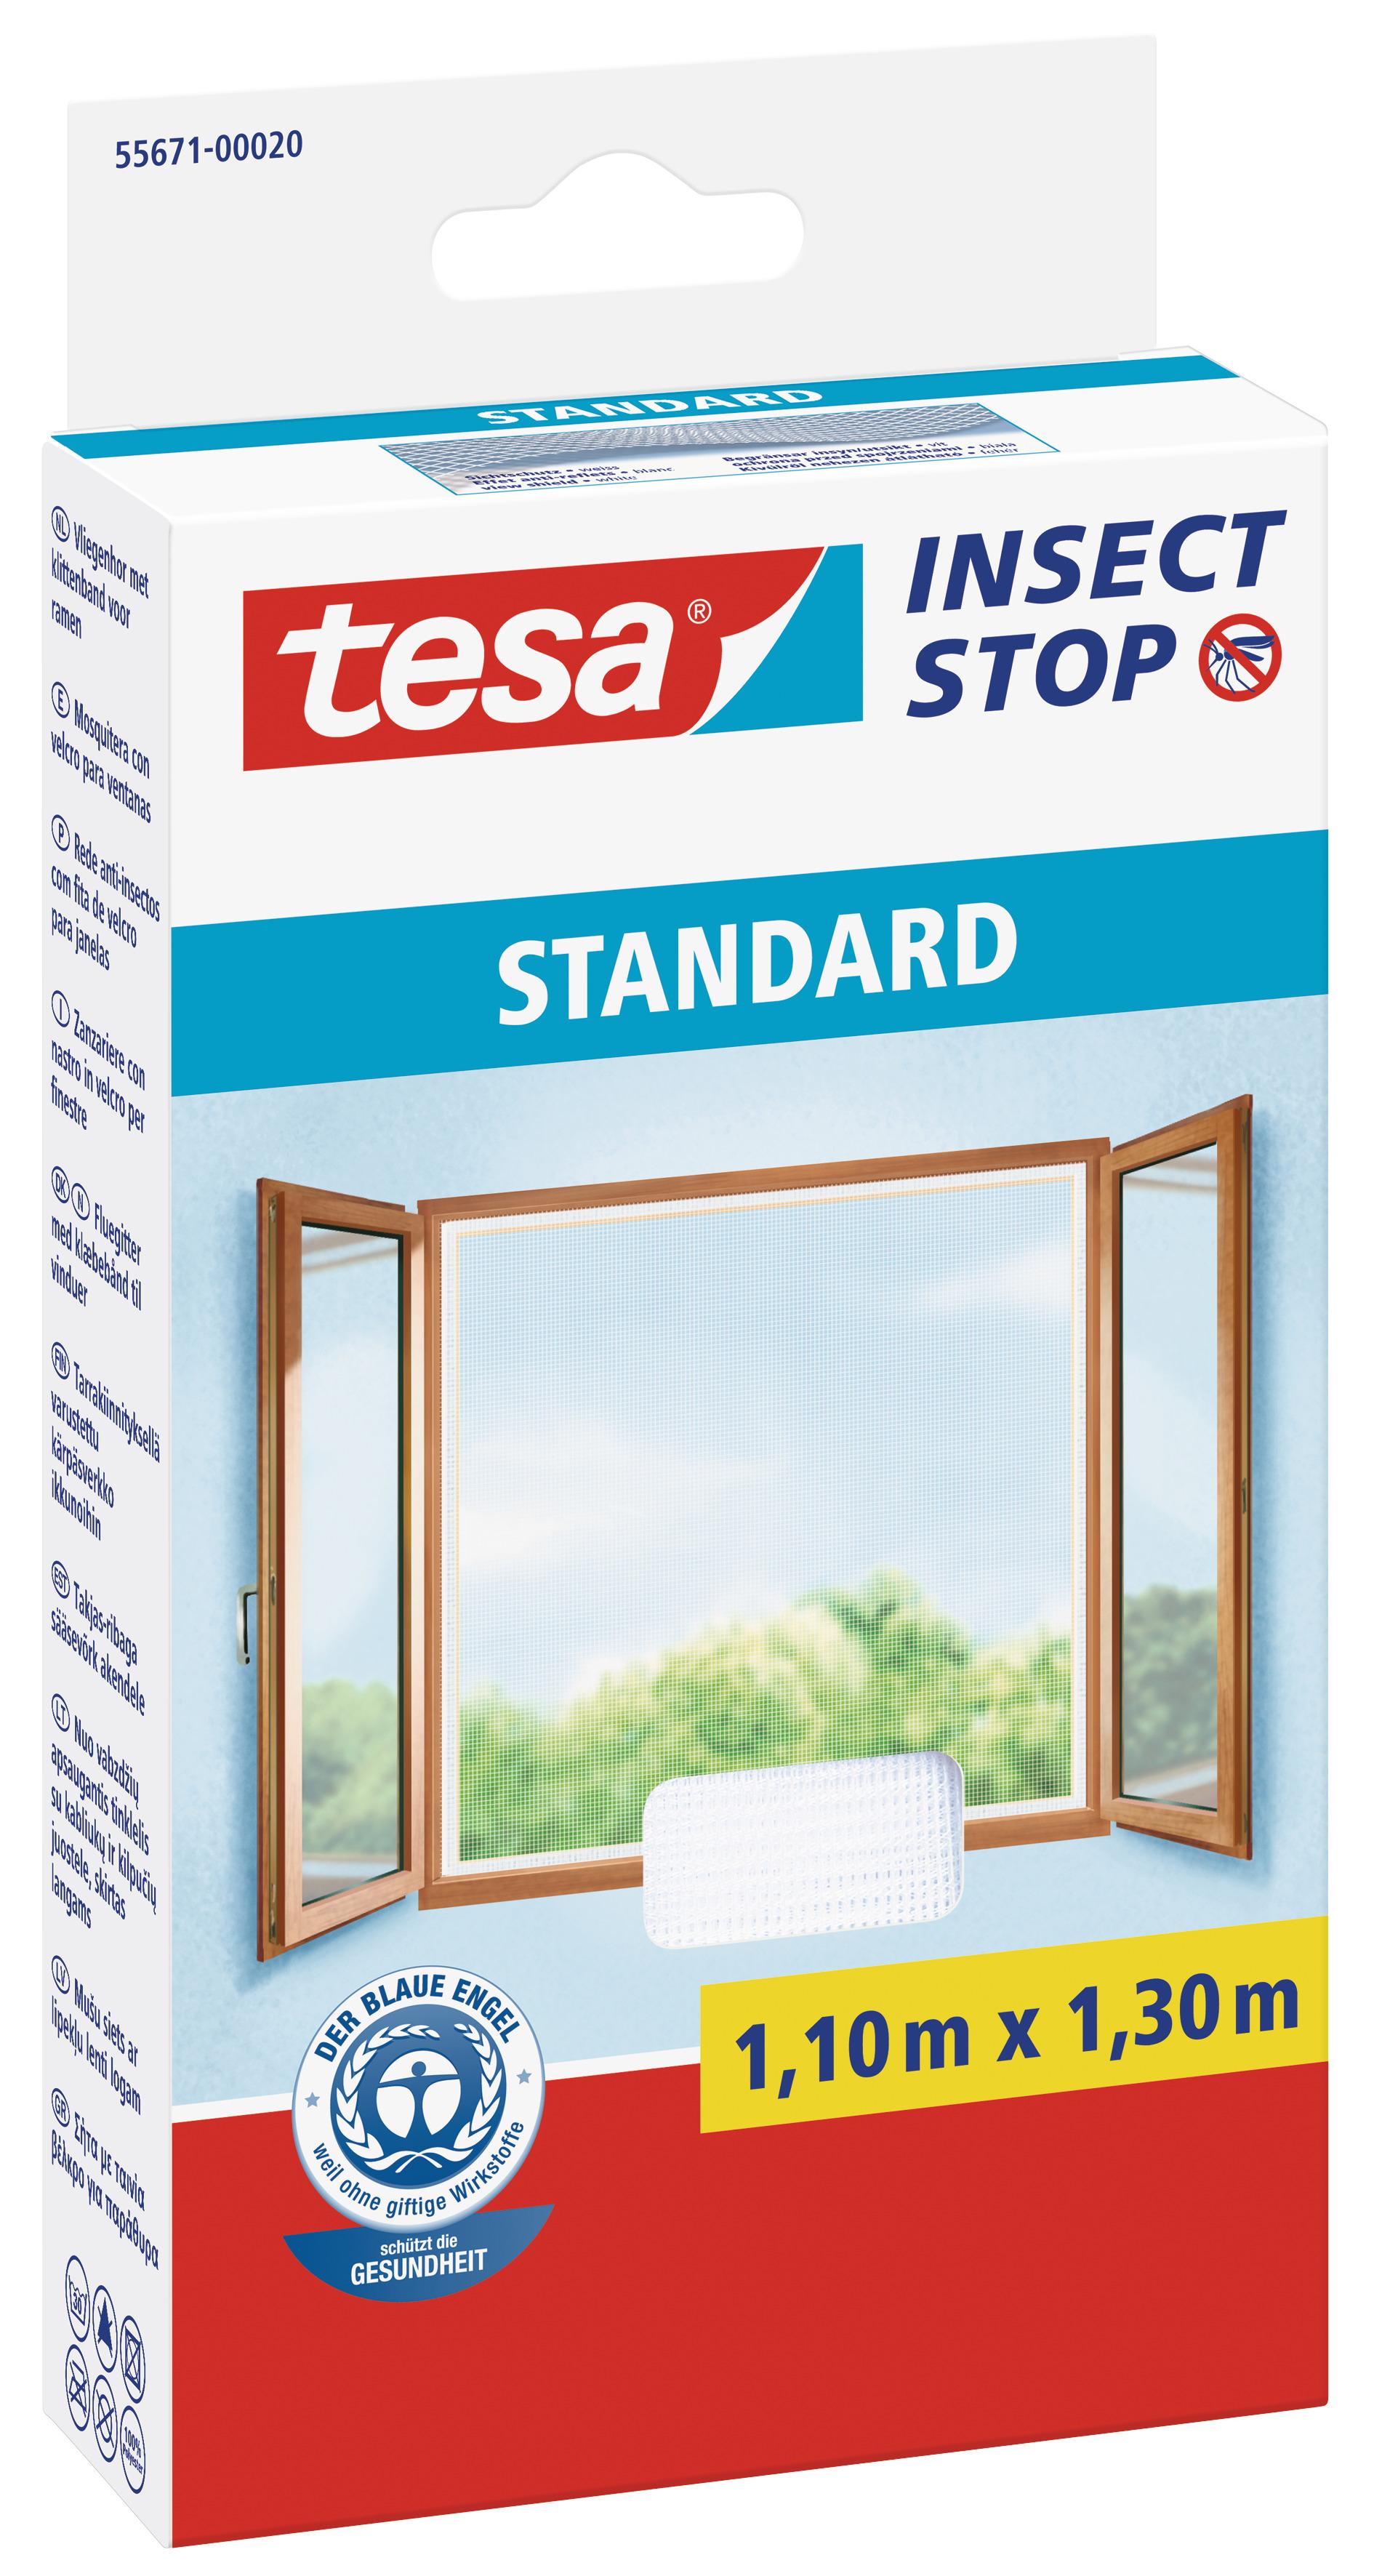 tesa Fliegengitter Standard Klettband für Fenster 1,1 m : 1,3 m, weiß